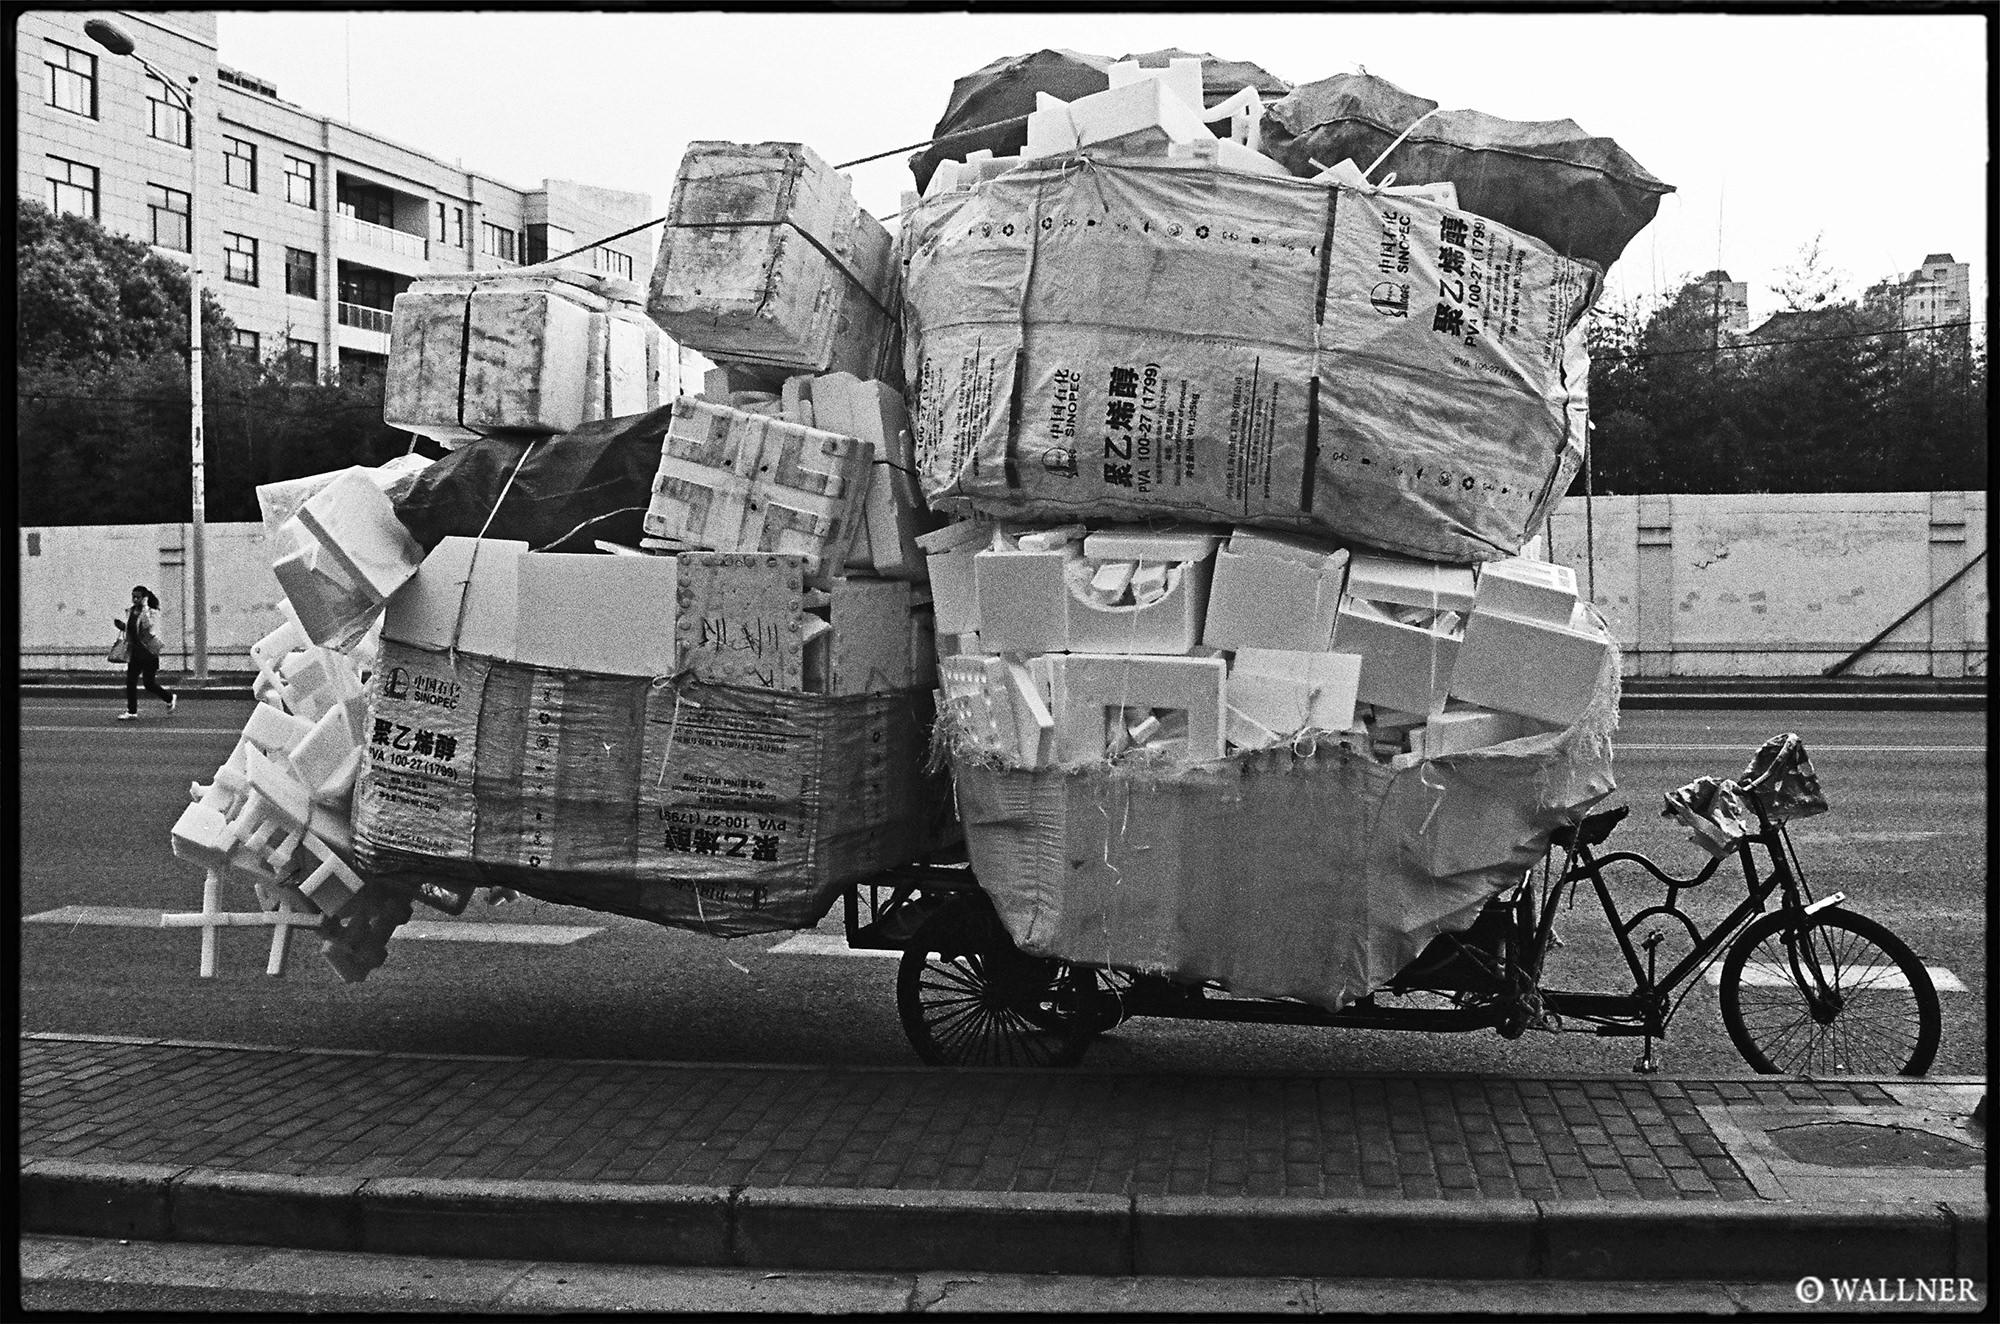 35mmPatrikWallner_Shanghai_DontLeaveBack LOWQ 2000P